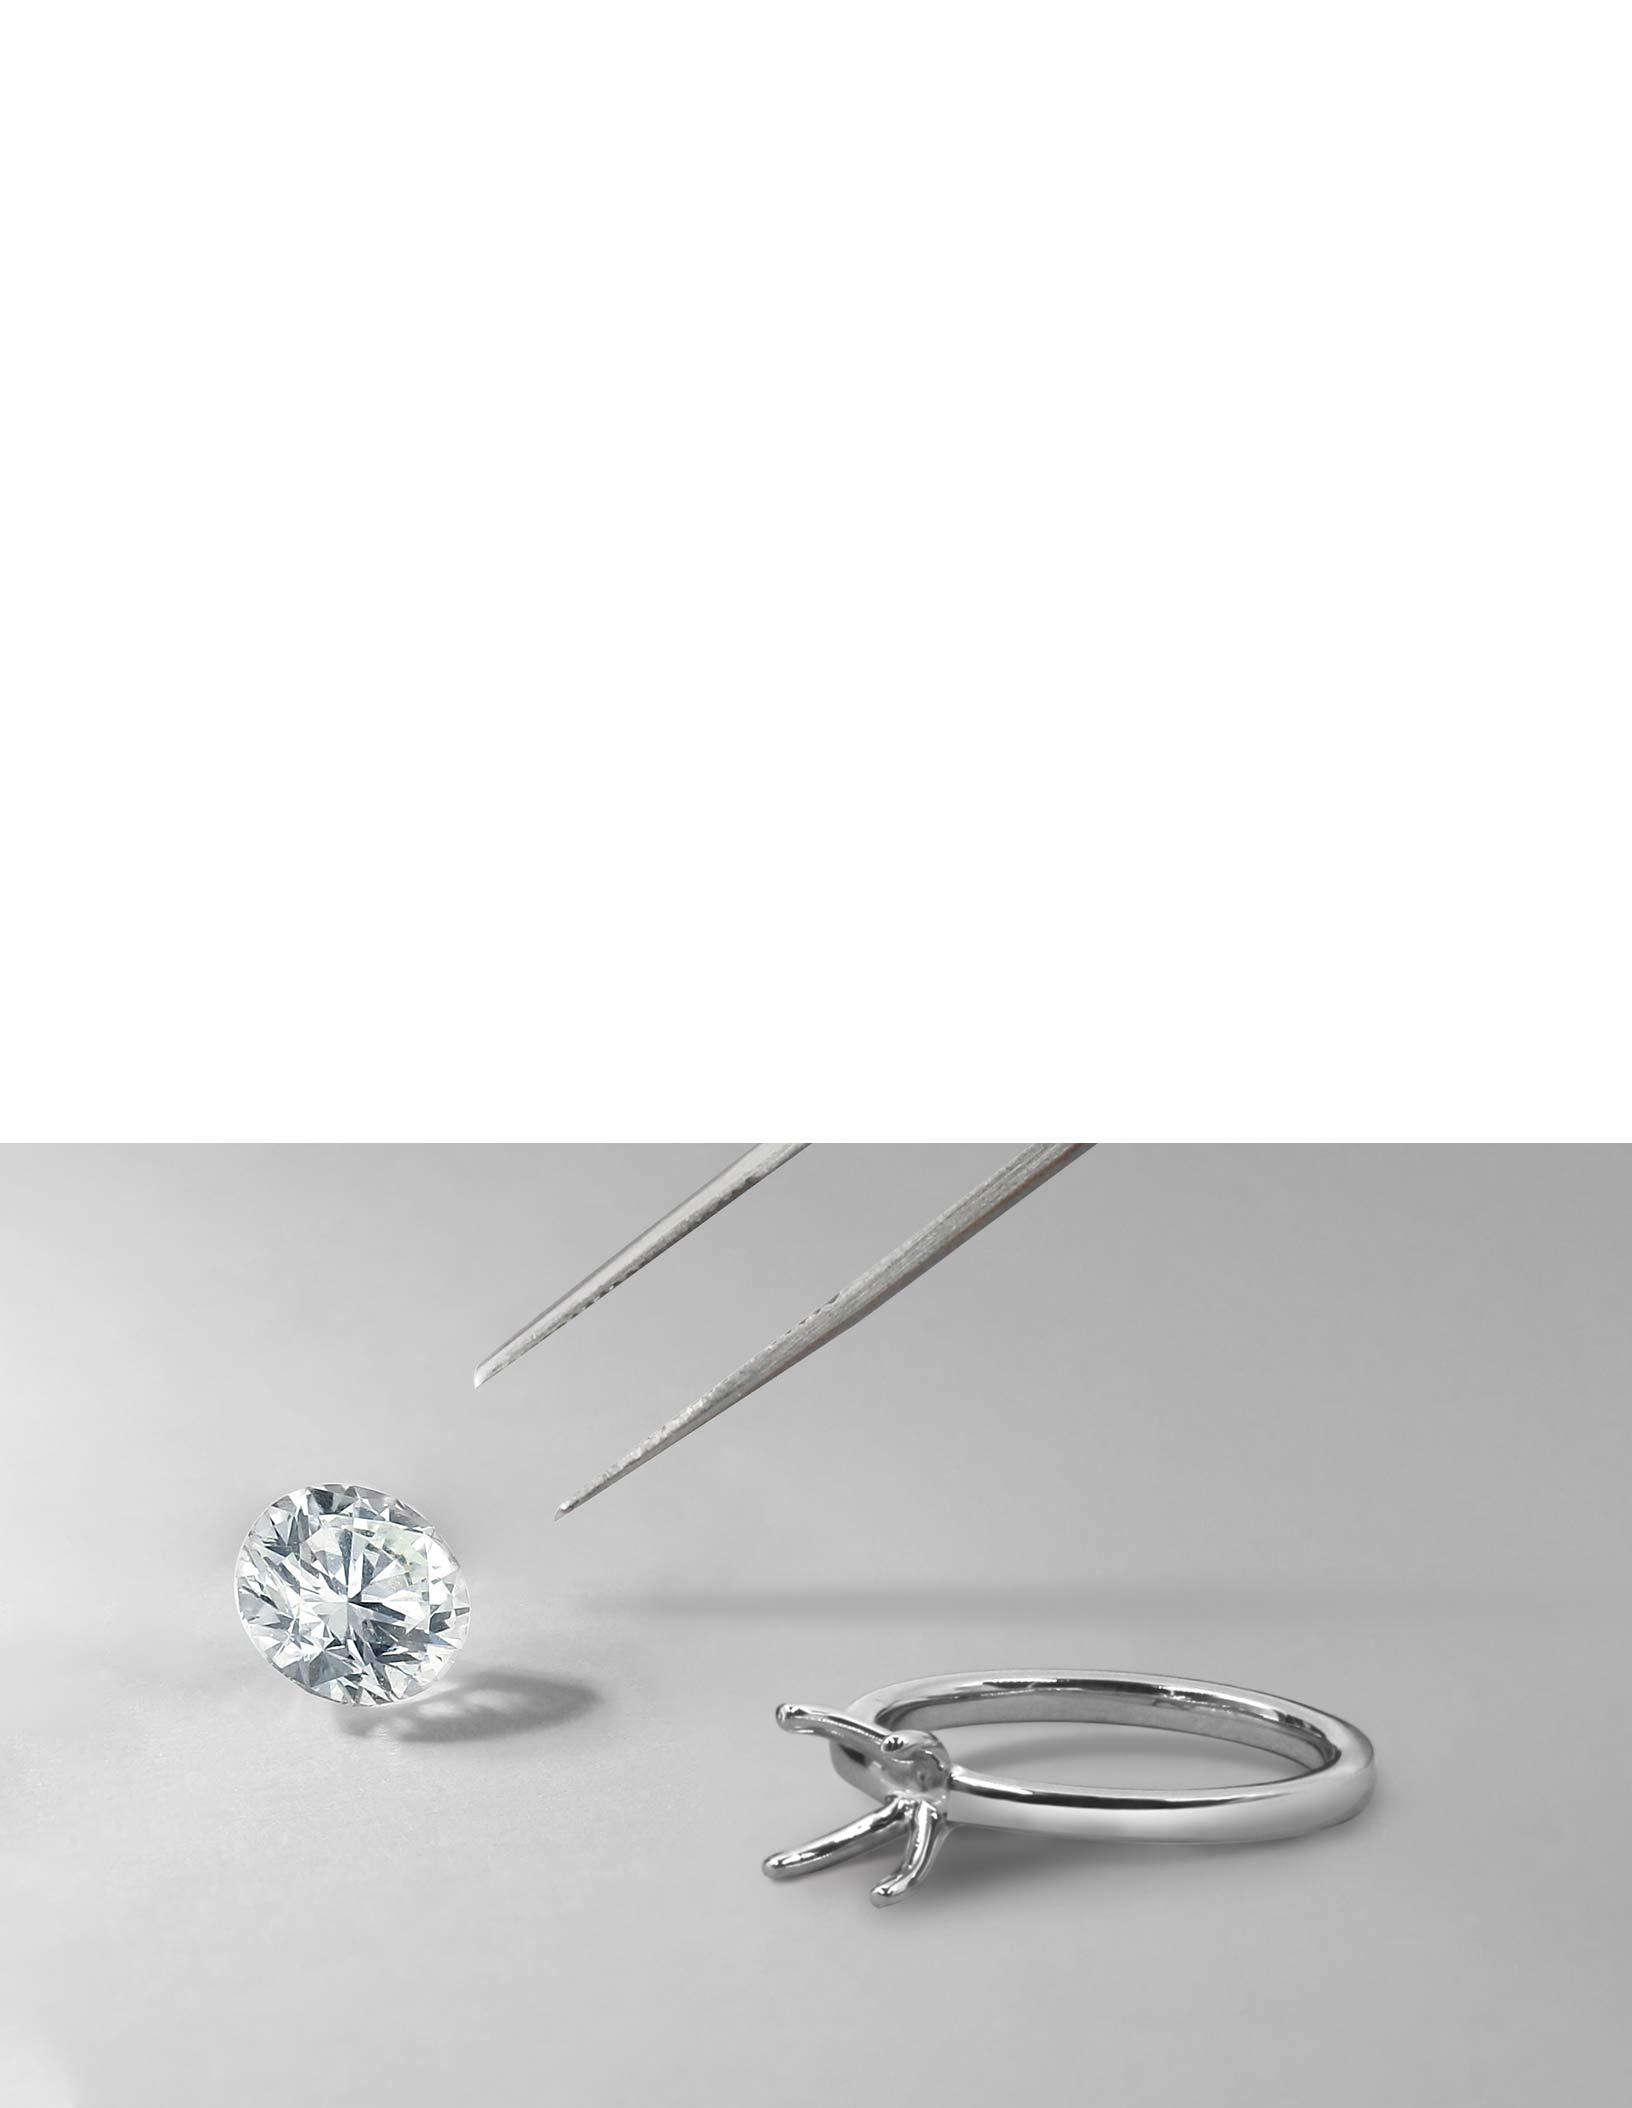 Asscher Cut Halo Engagement Rings